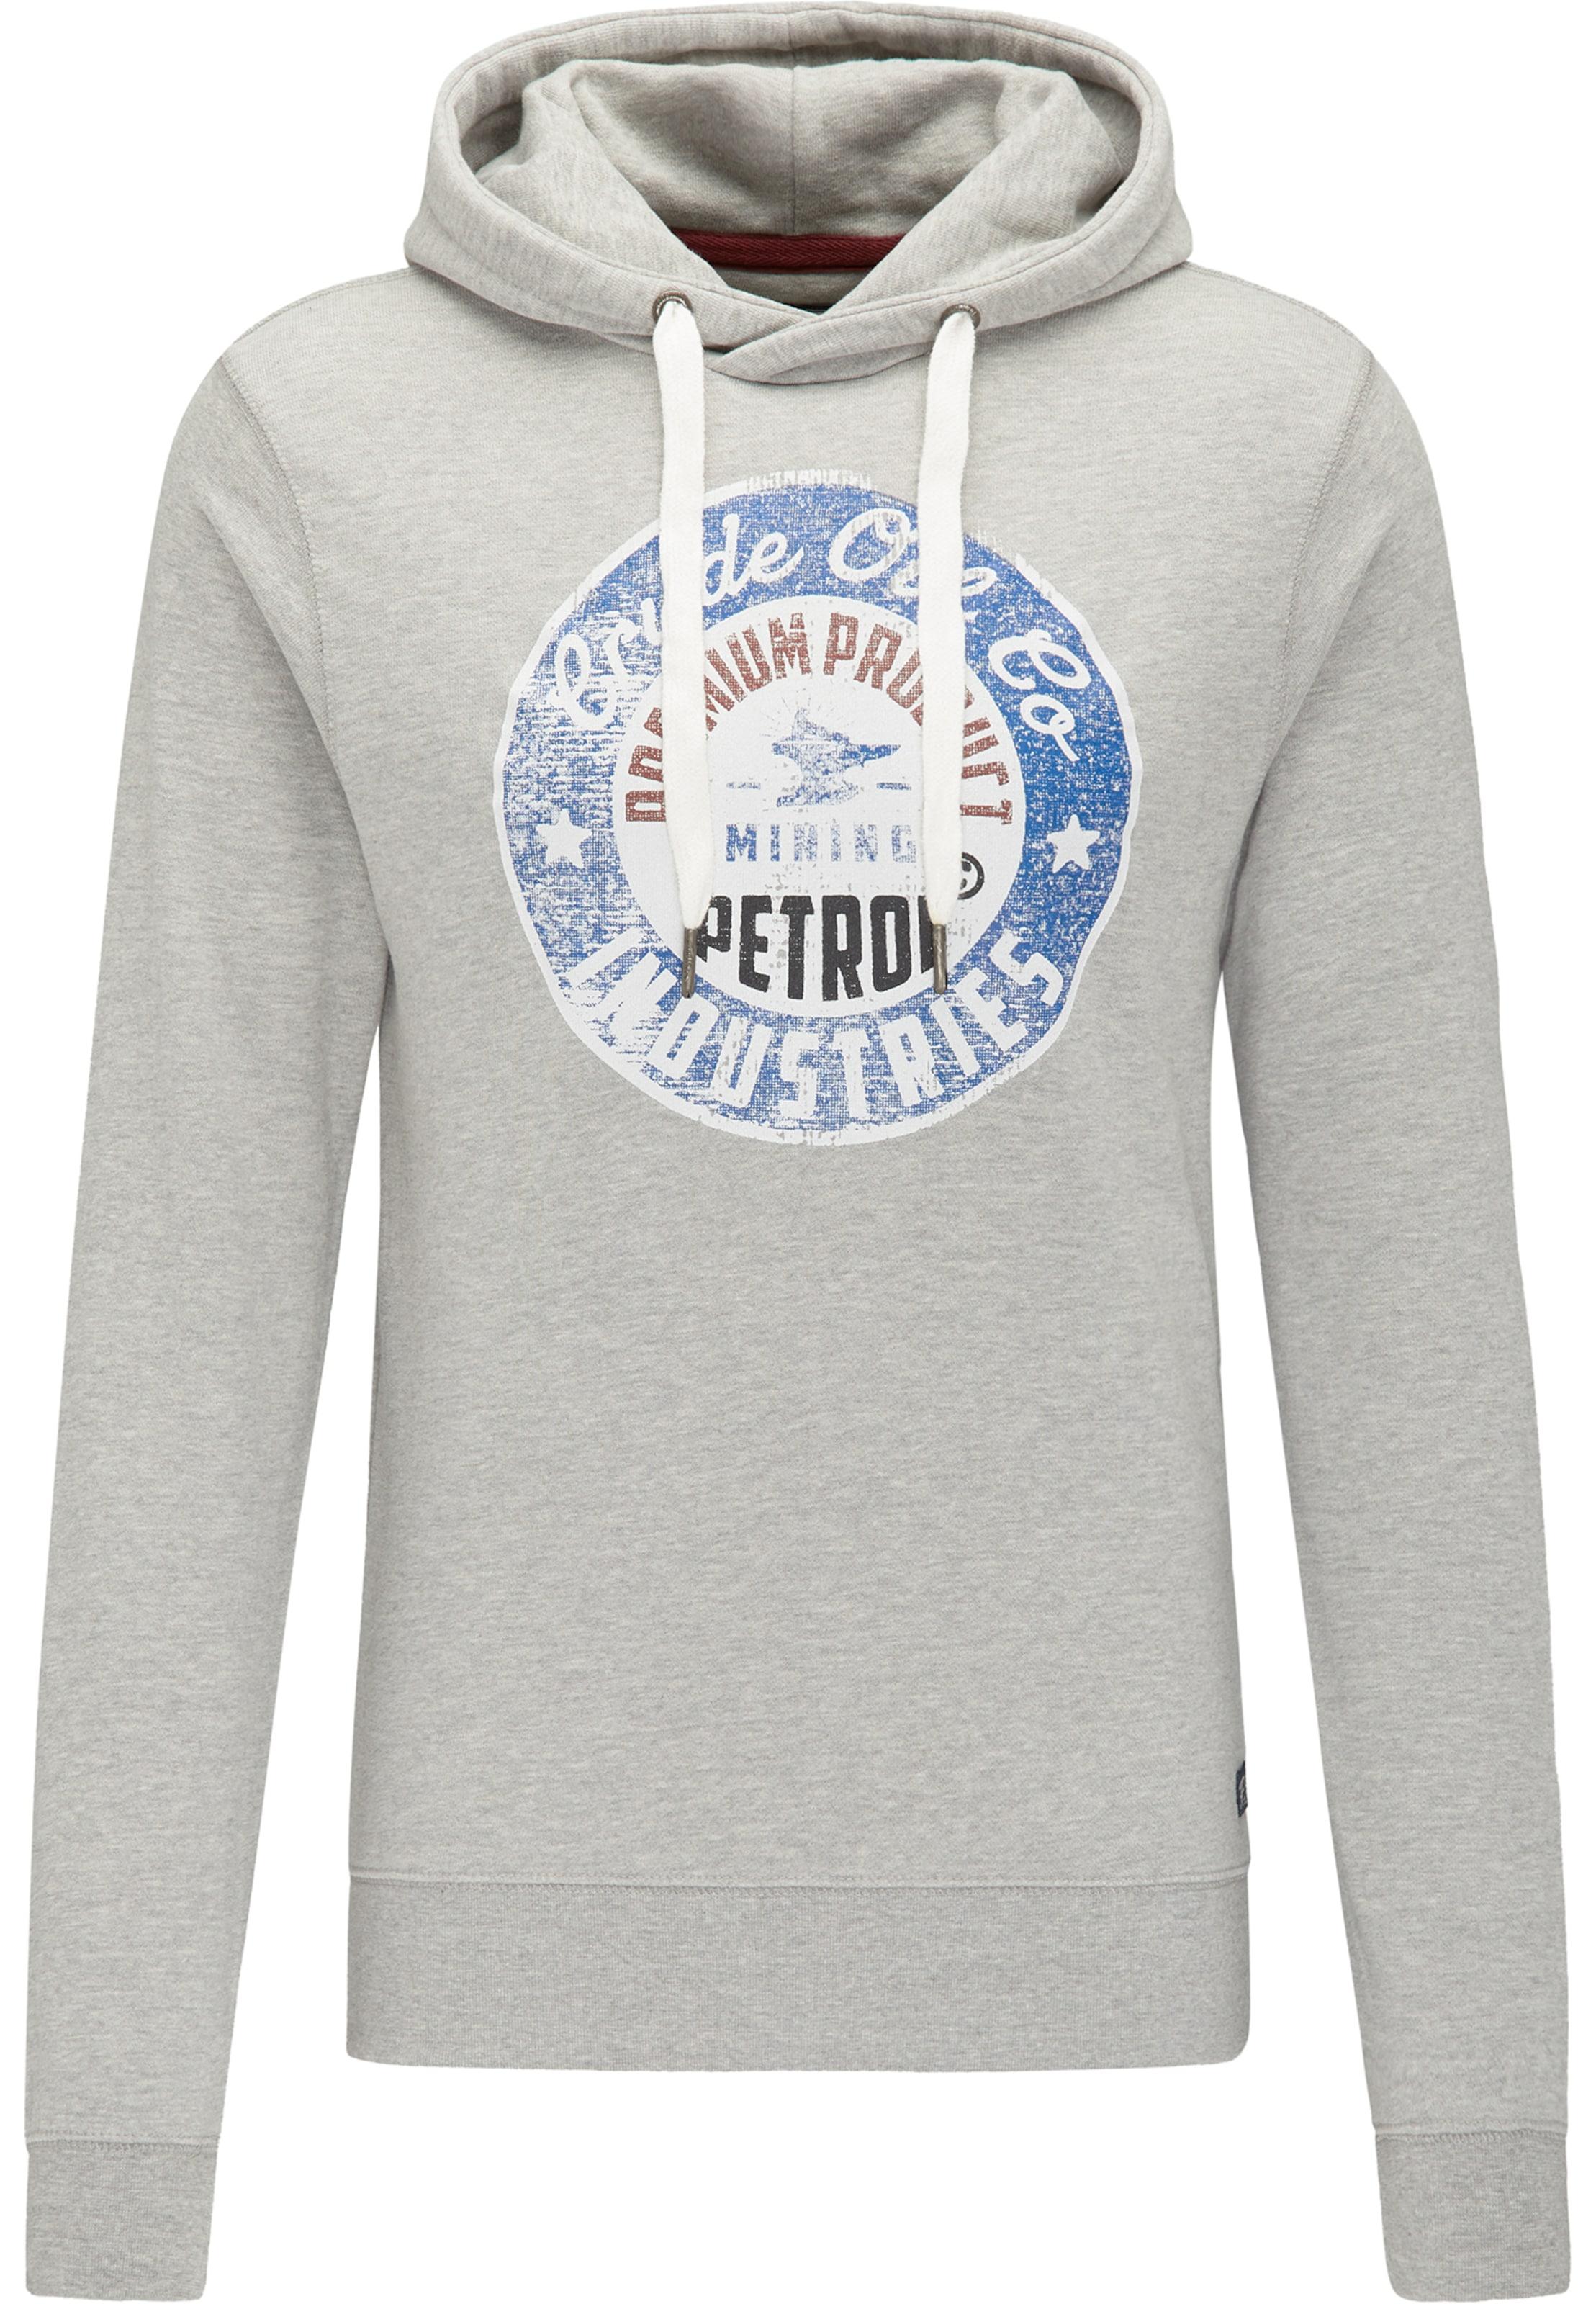 In Grau Petrol Petrol Industries Industries In Industries Sweatshirt Sweatshirt Sweatshirt Grau In Petrol dhQxCtsr